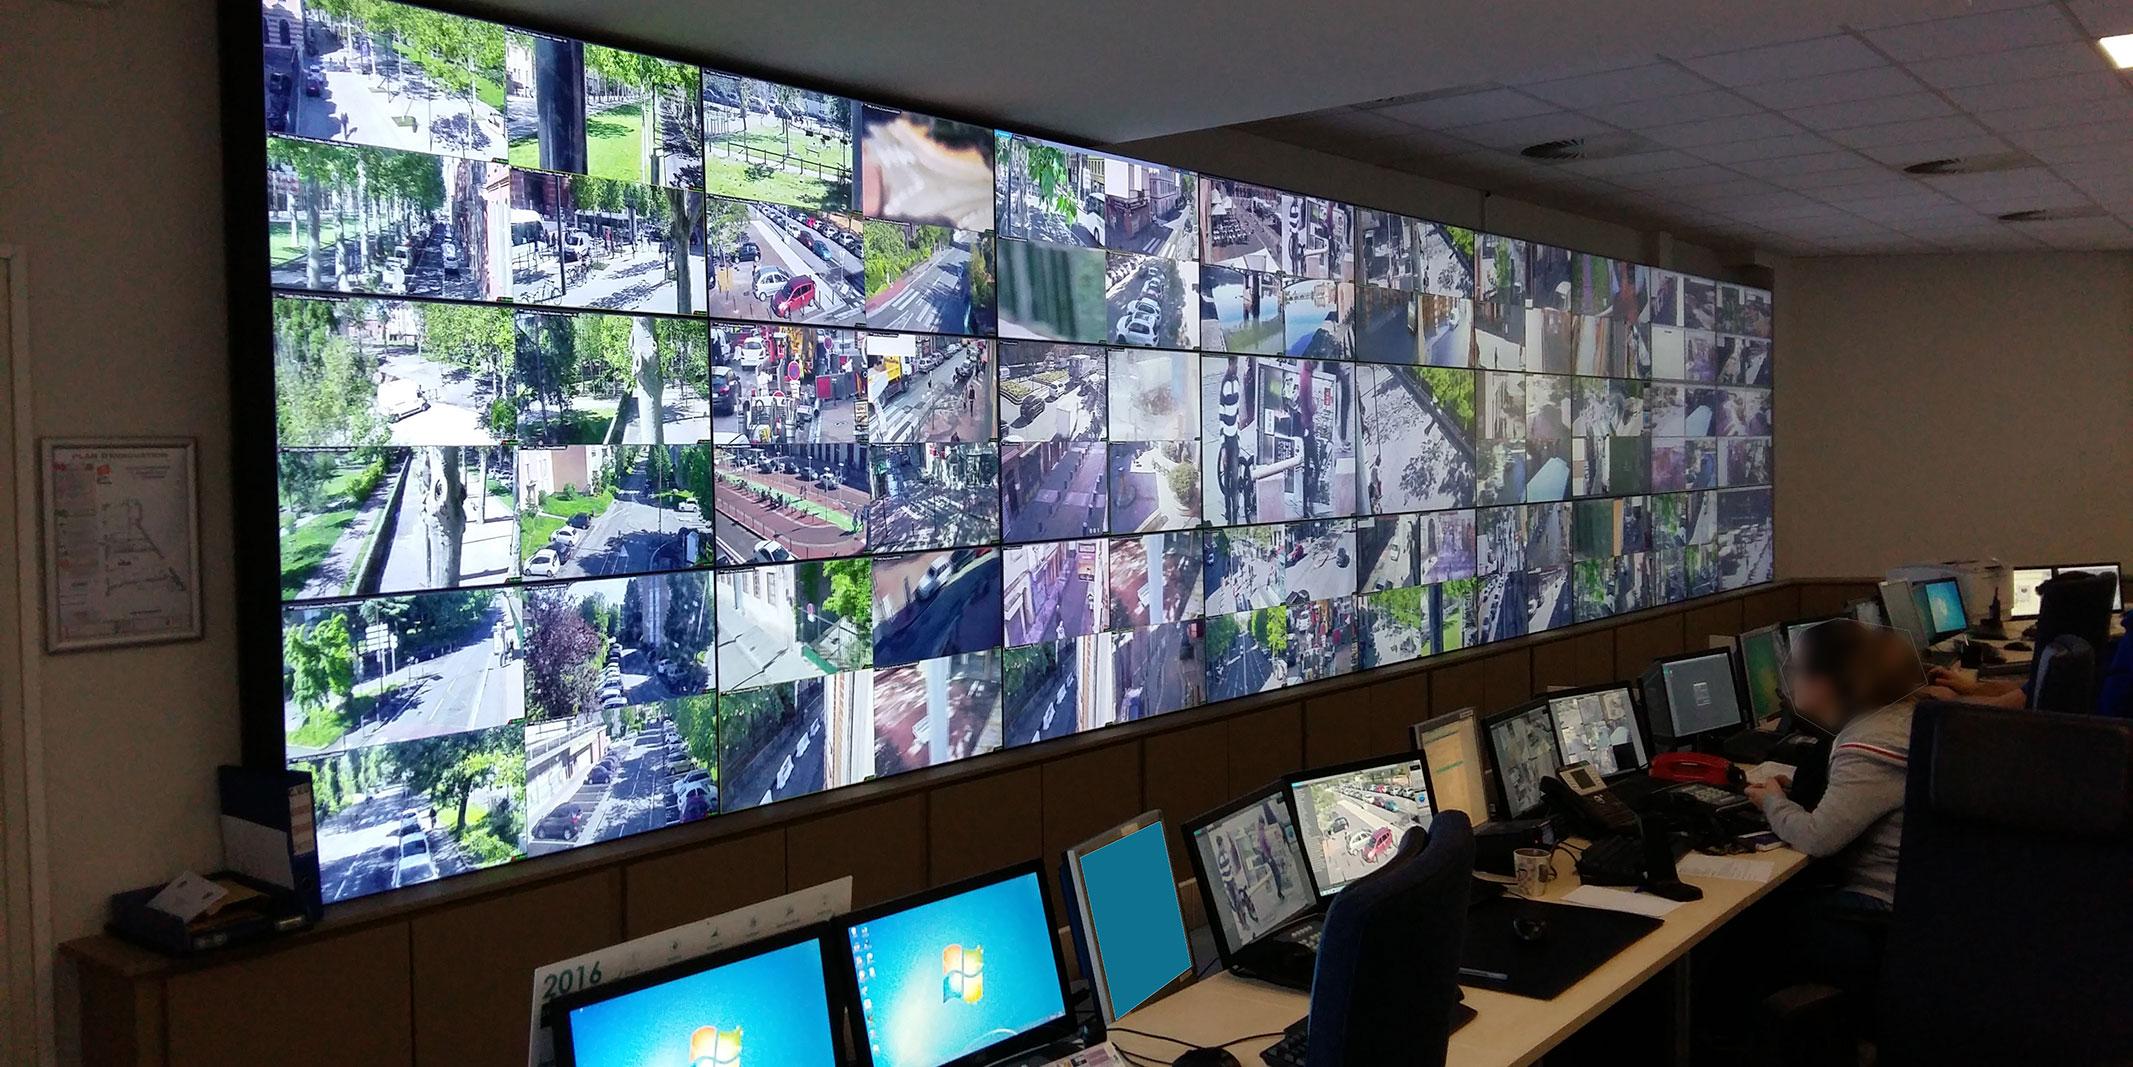 salle controle supervision soa site industriel